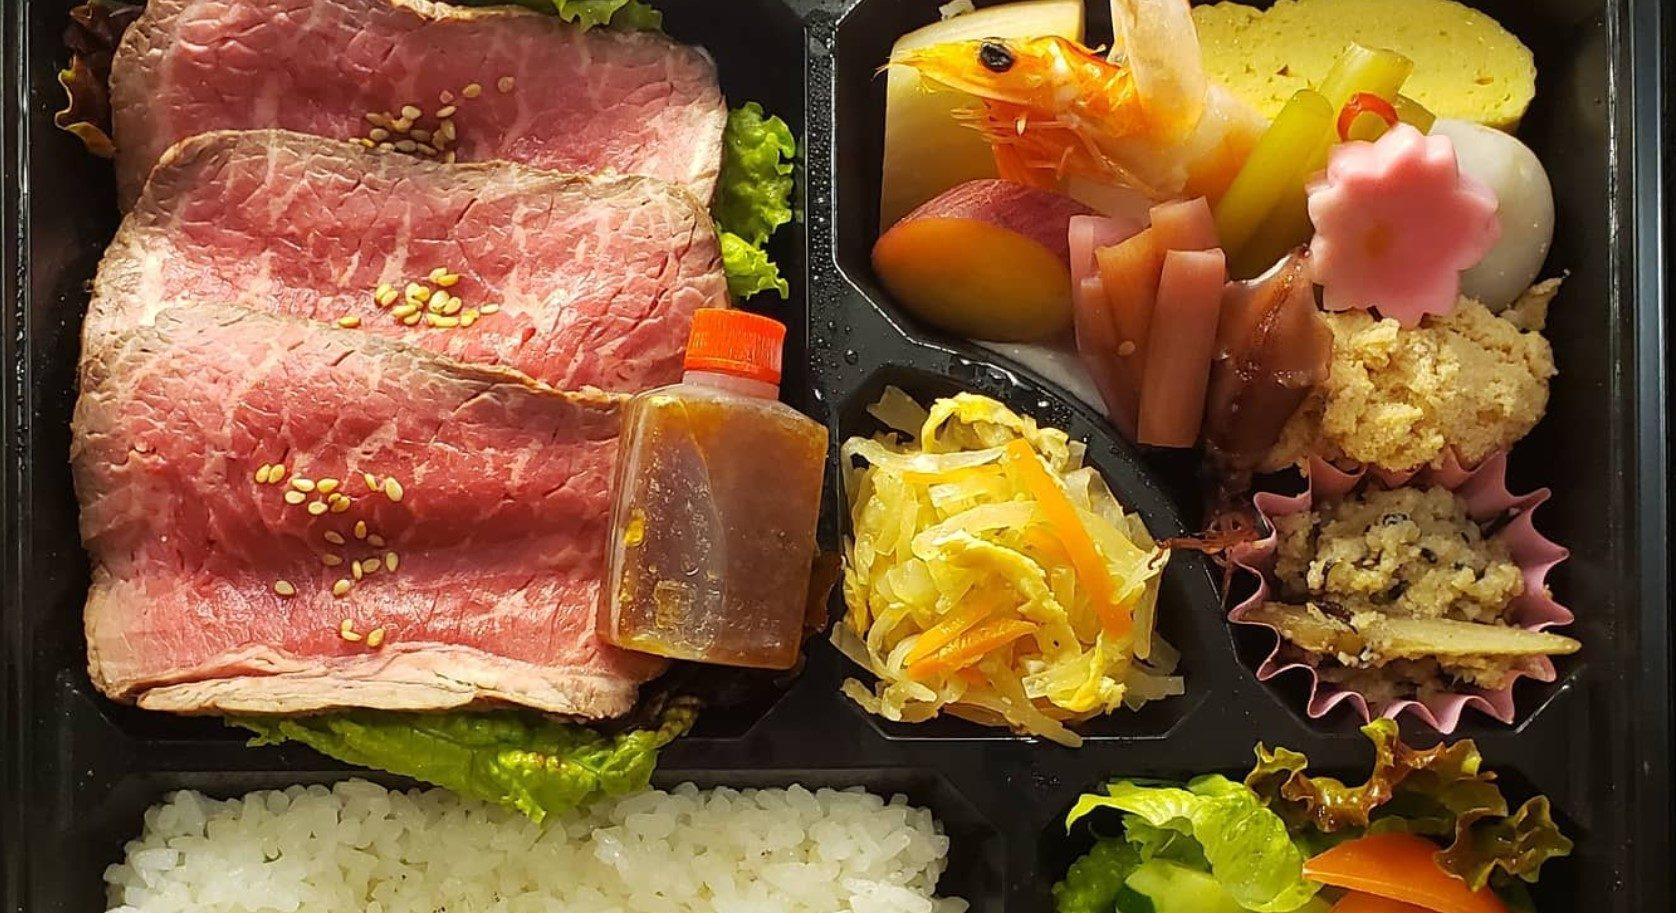 【熊本市中央区】磯鷸之庄のテイクアウト情報!ちょっと贅沢なお弁当!お土産にも最適!